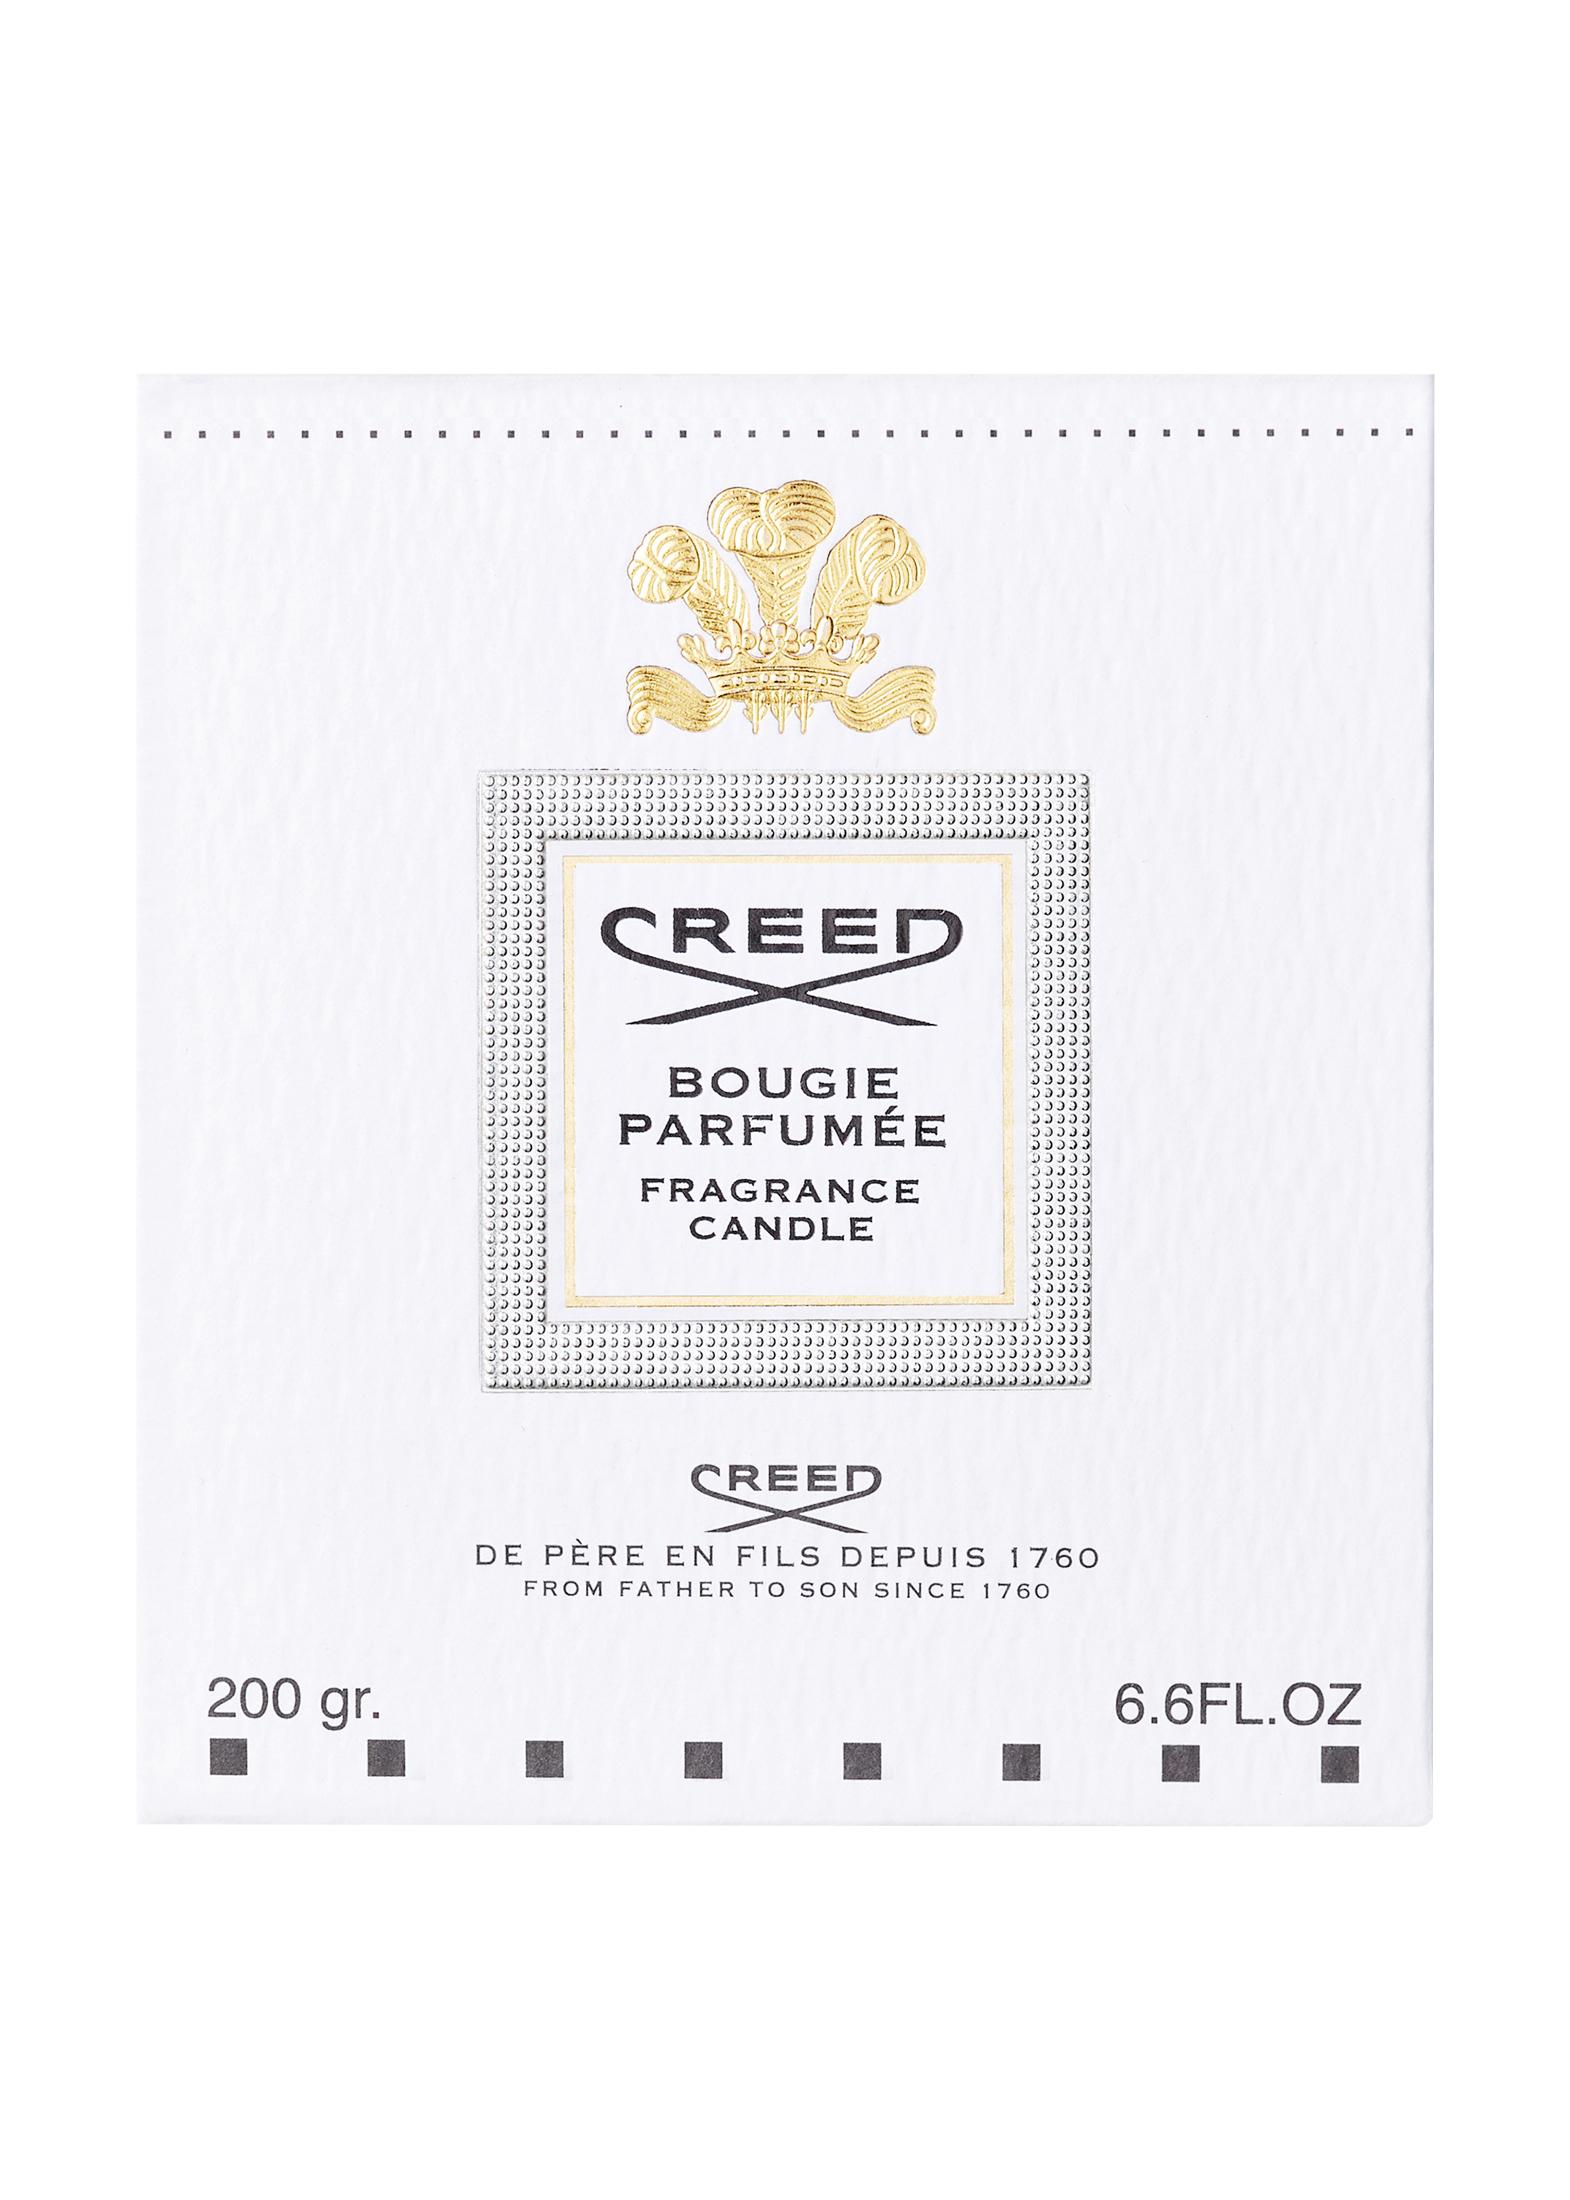 Creed Kerze 200gr. image number 1